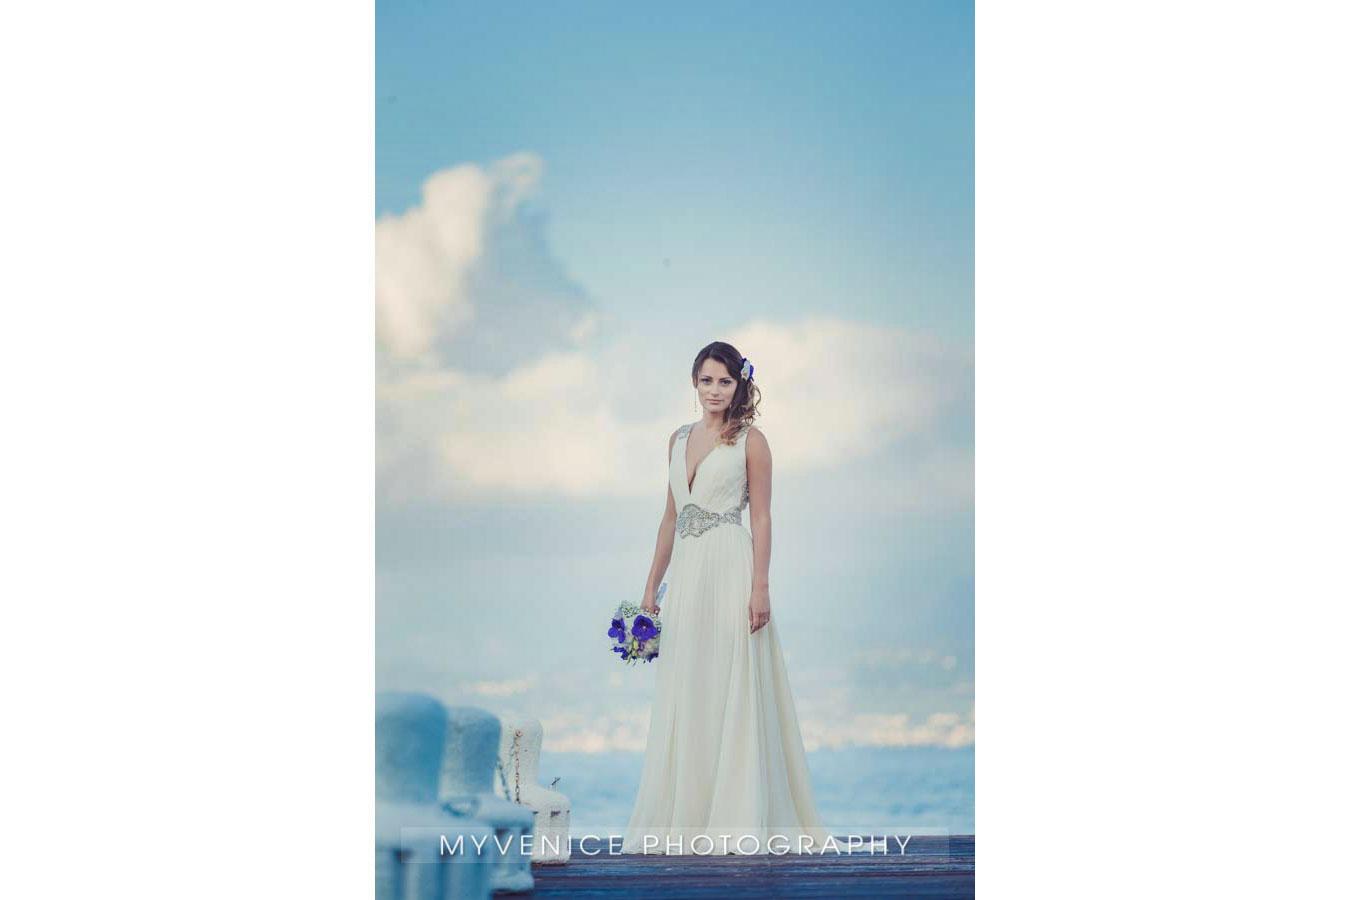 意大利婚纱照,欧洲婚纱照,欧洲教堂婚礼